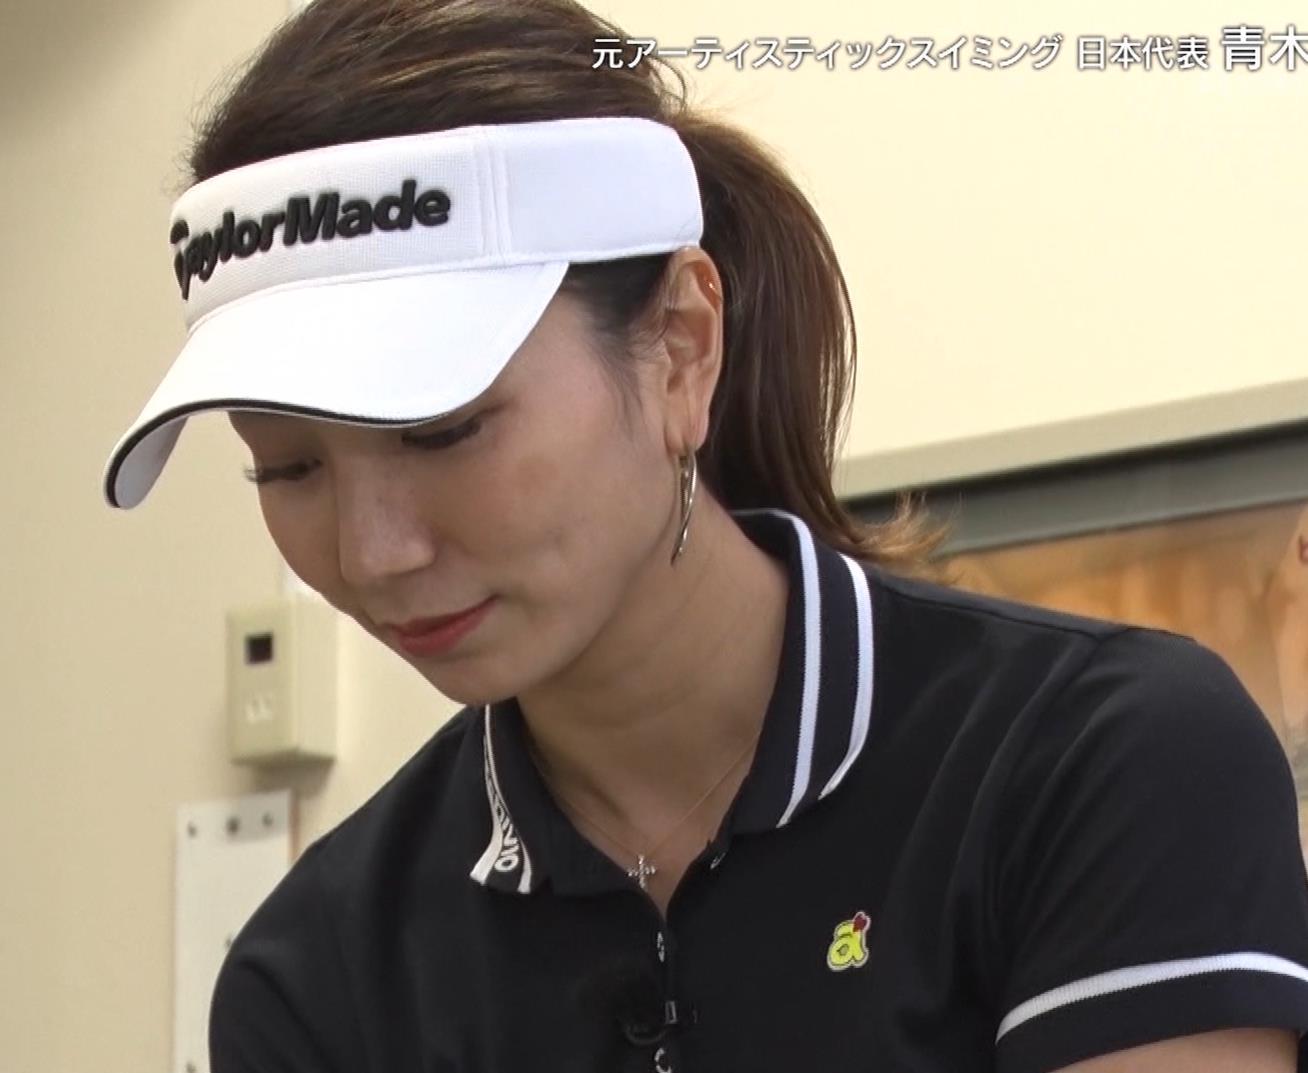 青木愛 すごく短いスカートでゴルフをするエロキャプ・エロ画像